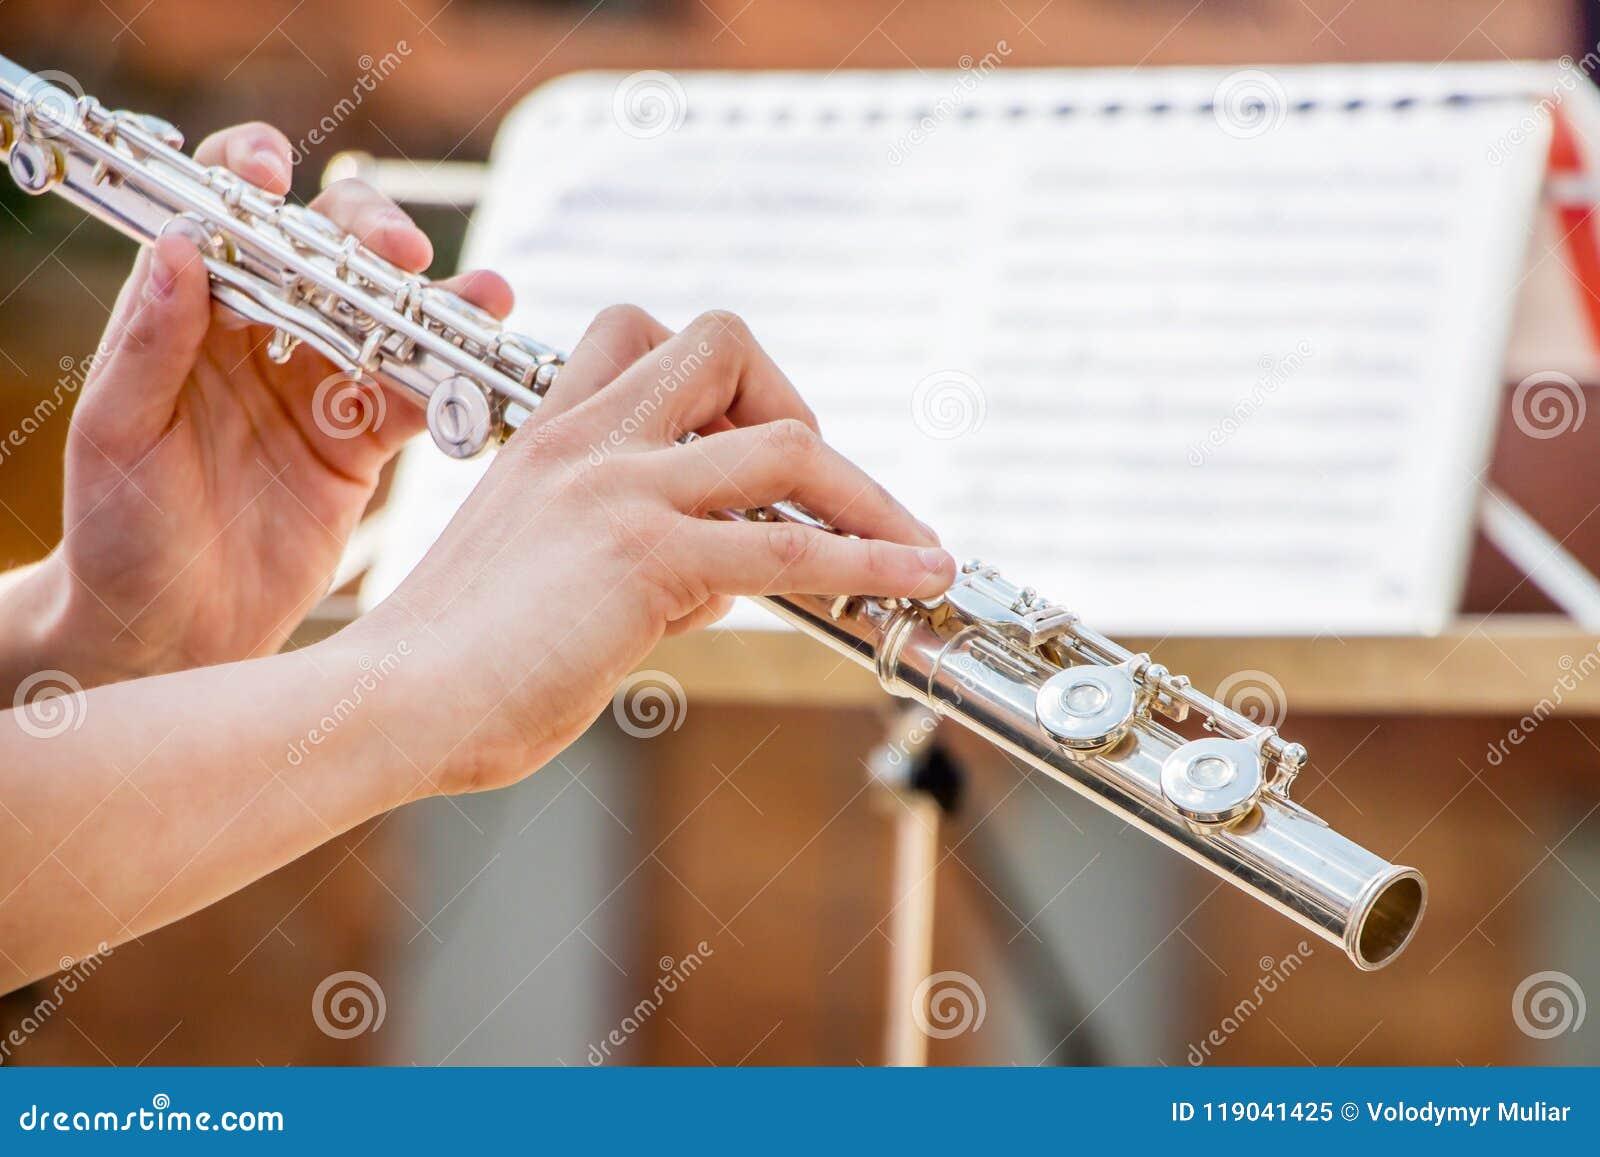 Flickan spelar flöjten Blåsa flöjt i händerna av musikerduren